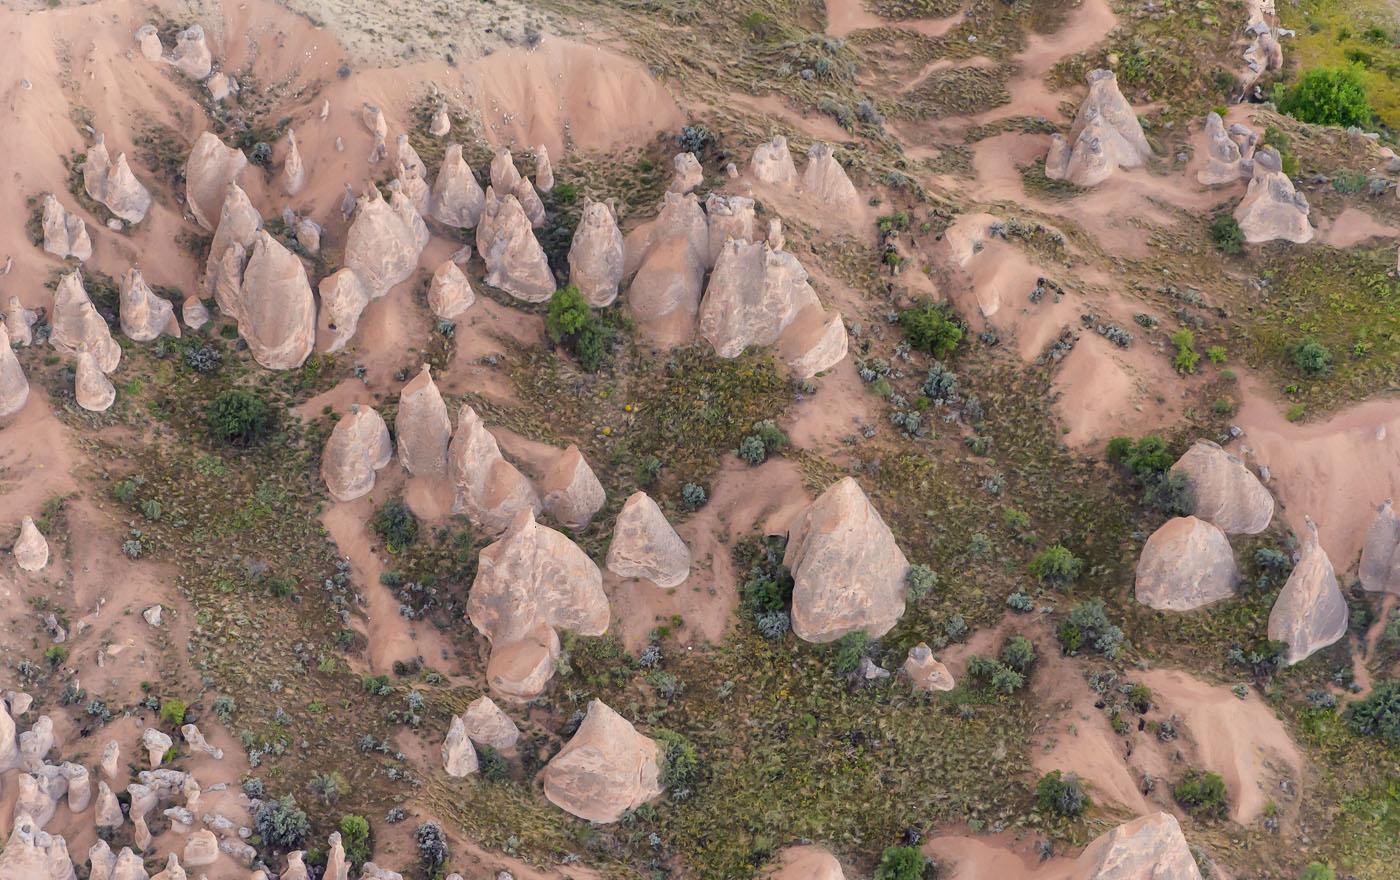 Фотография 17. Скалы в долинах Каппадокии в Турции. Вид сверху. Снят во время полета на воздушном шаре. 1/250, 8.0, 2500, 240.